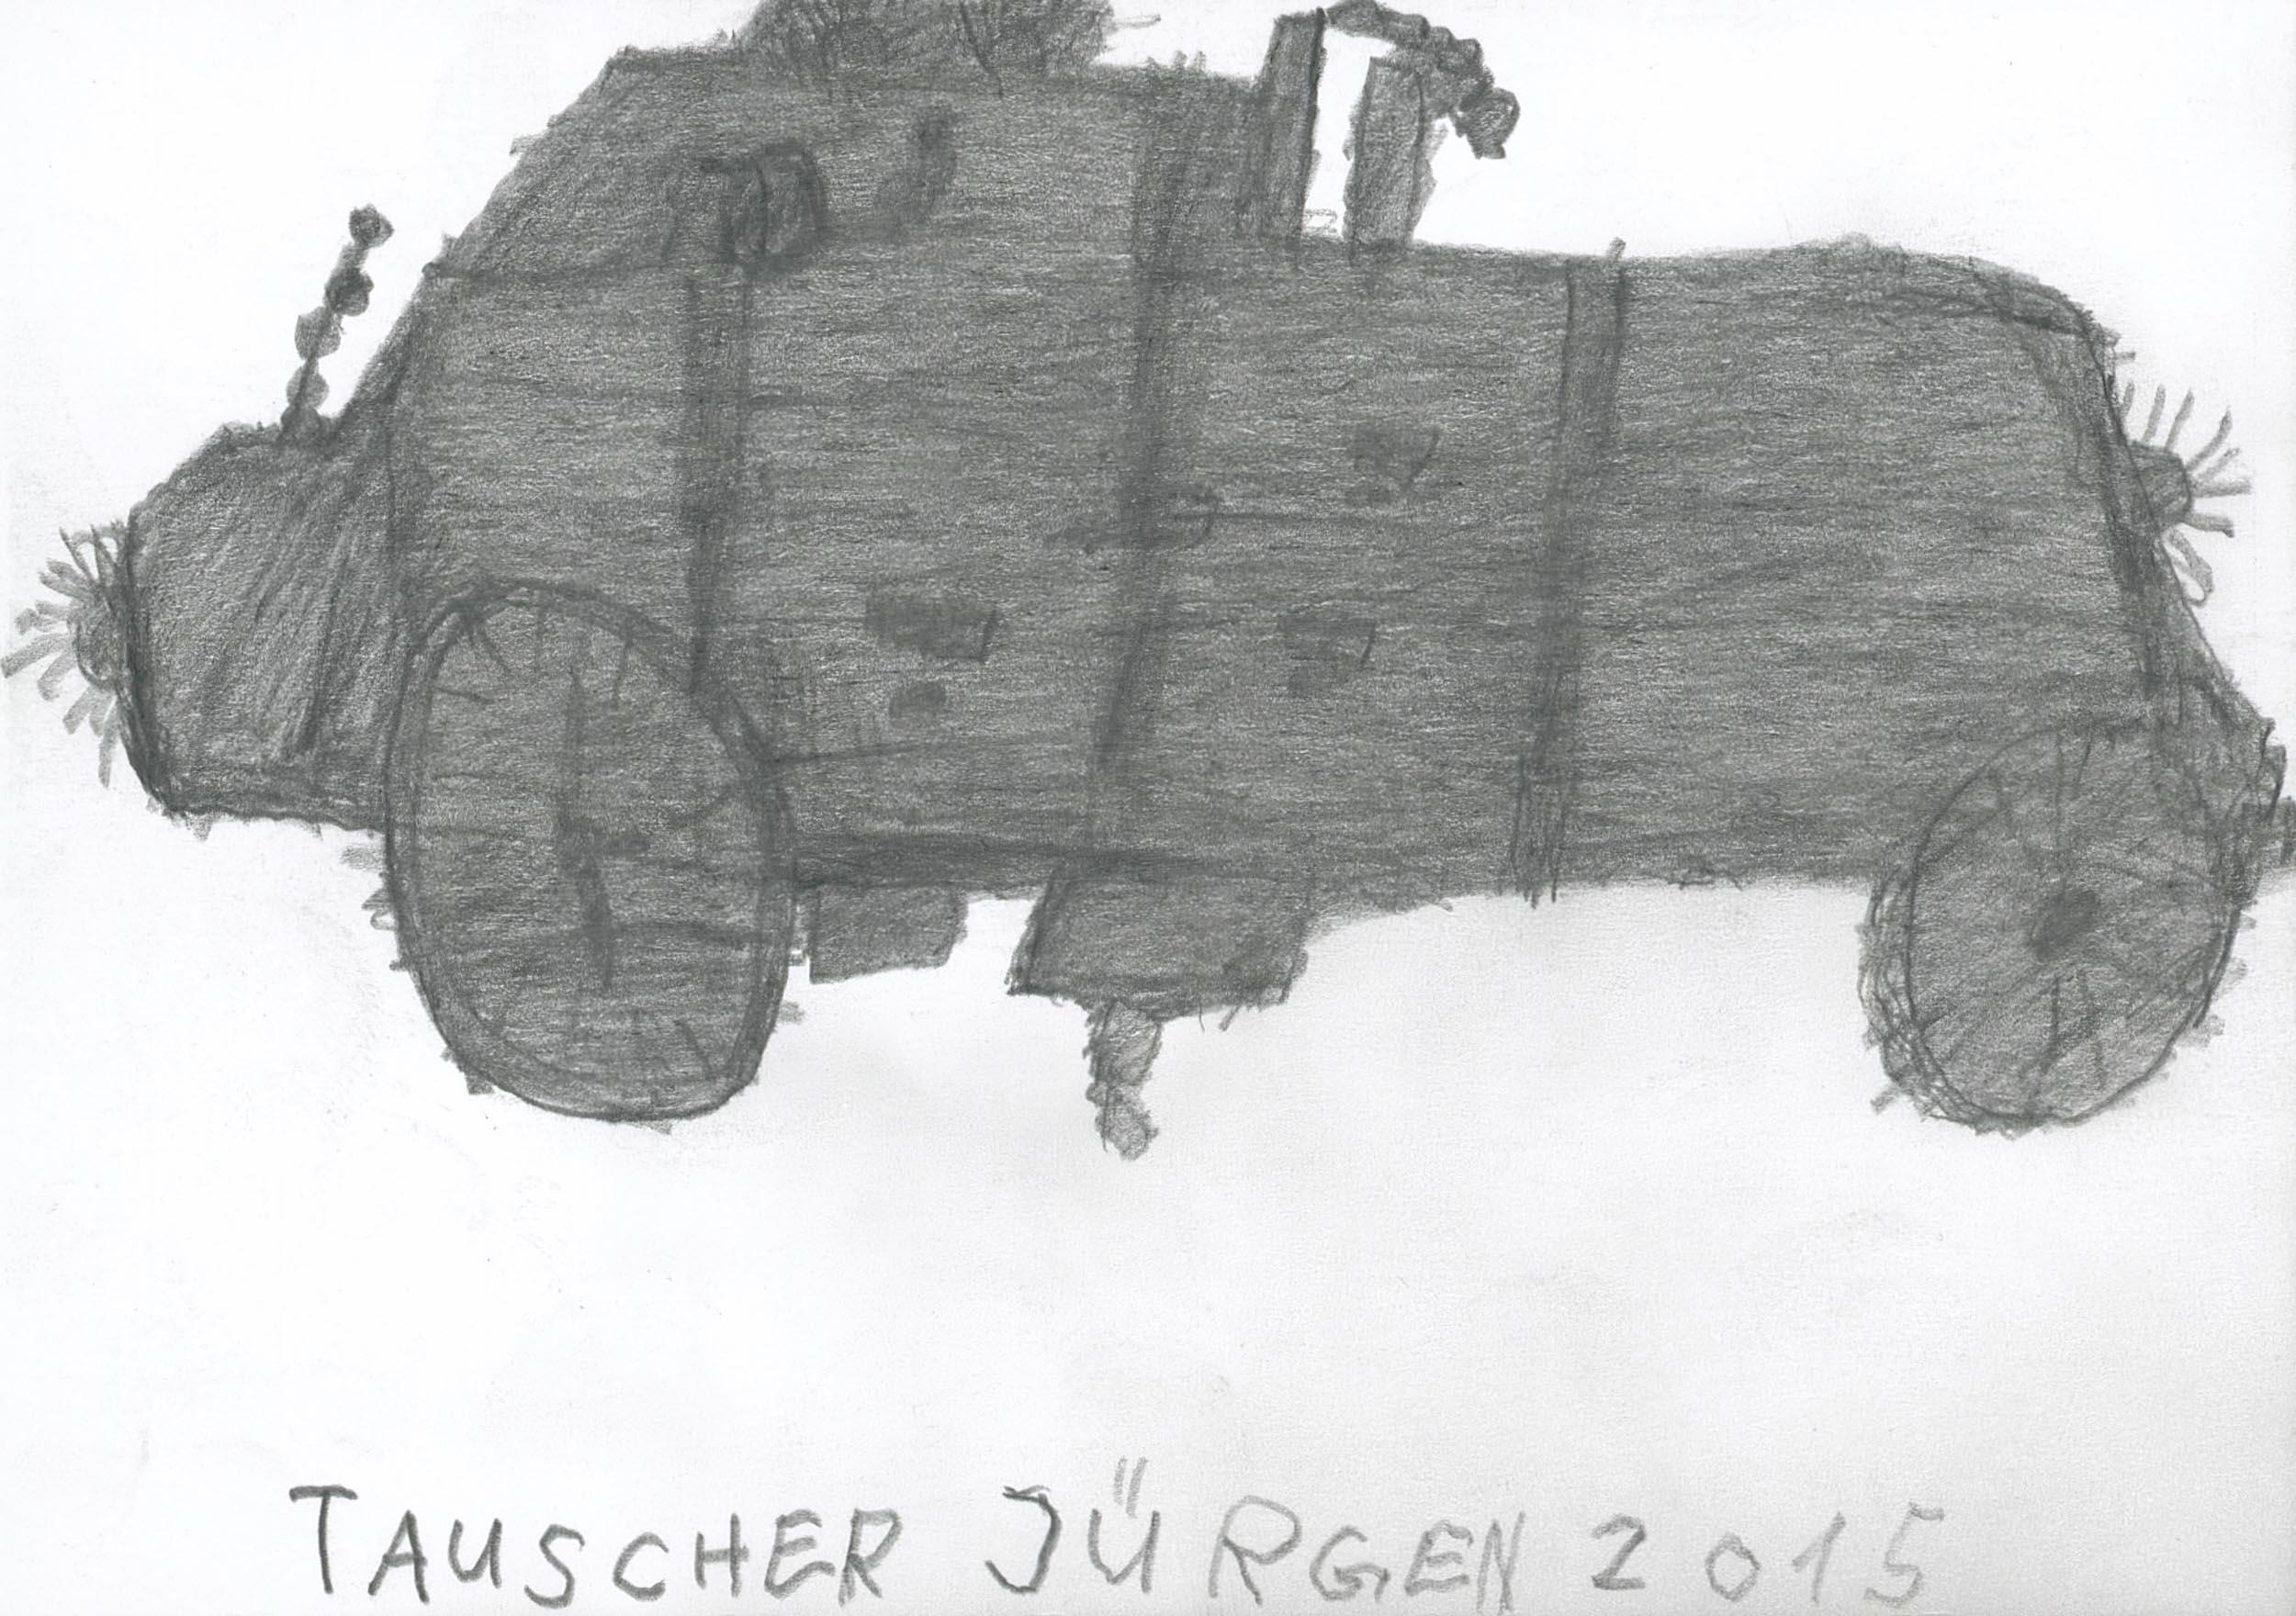 tauscher jürgen - track / track